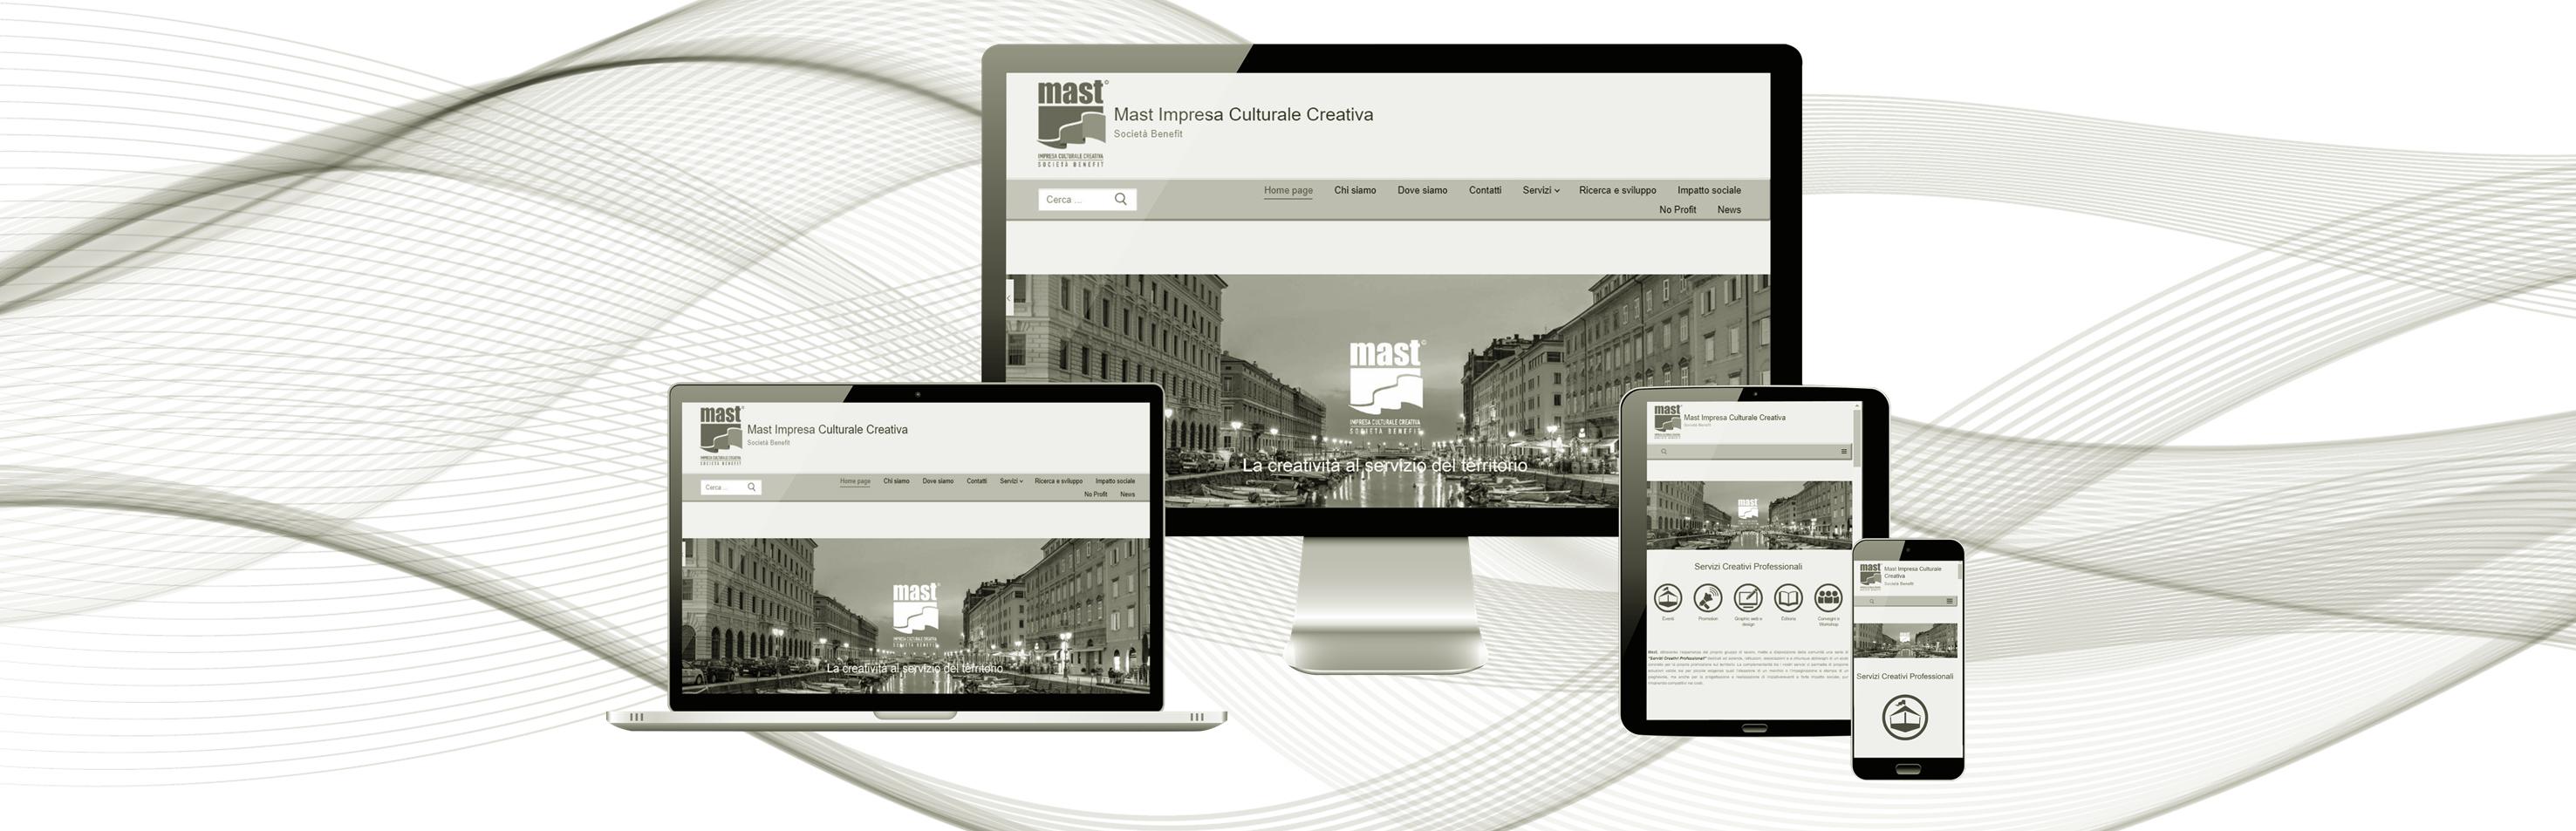 Immagine copertina pagina Graphic e web design Mast